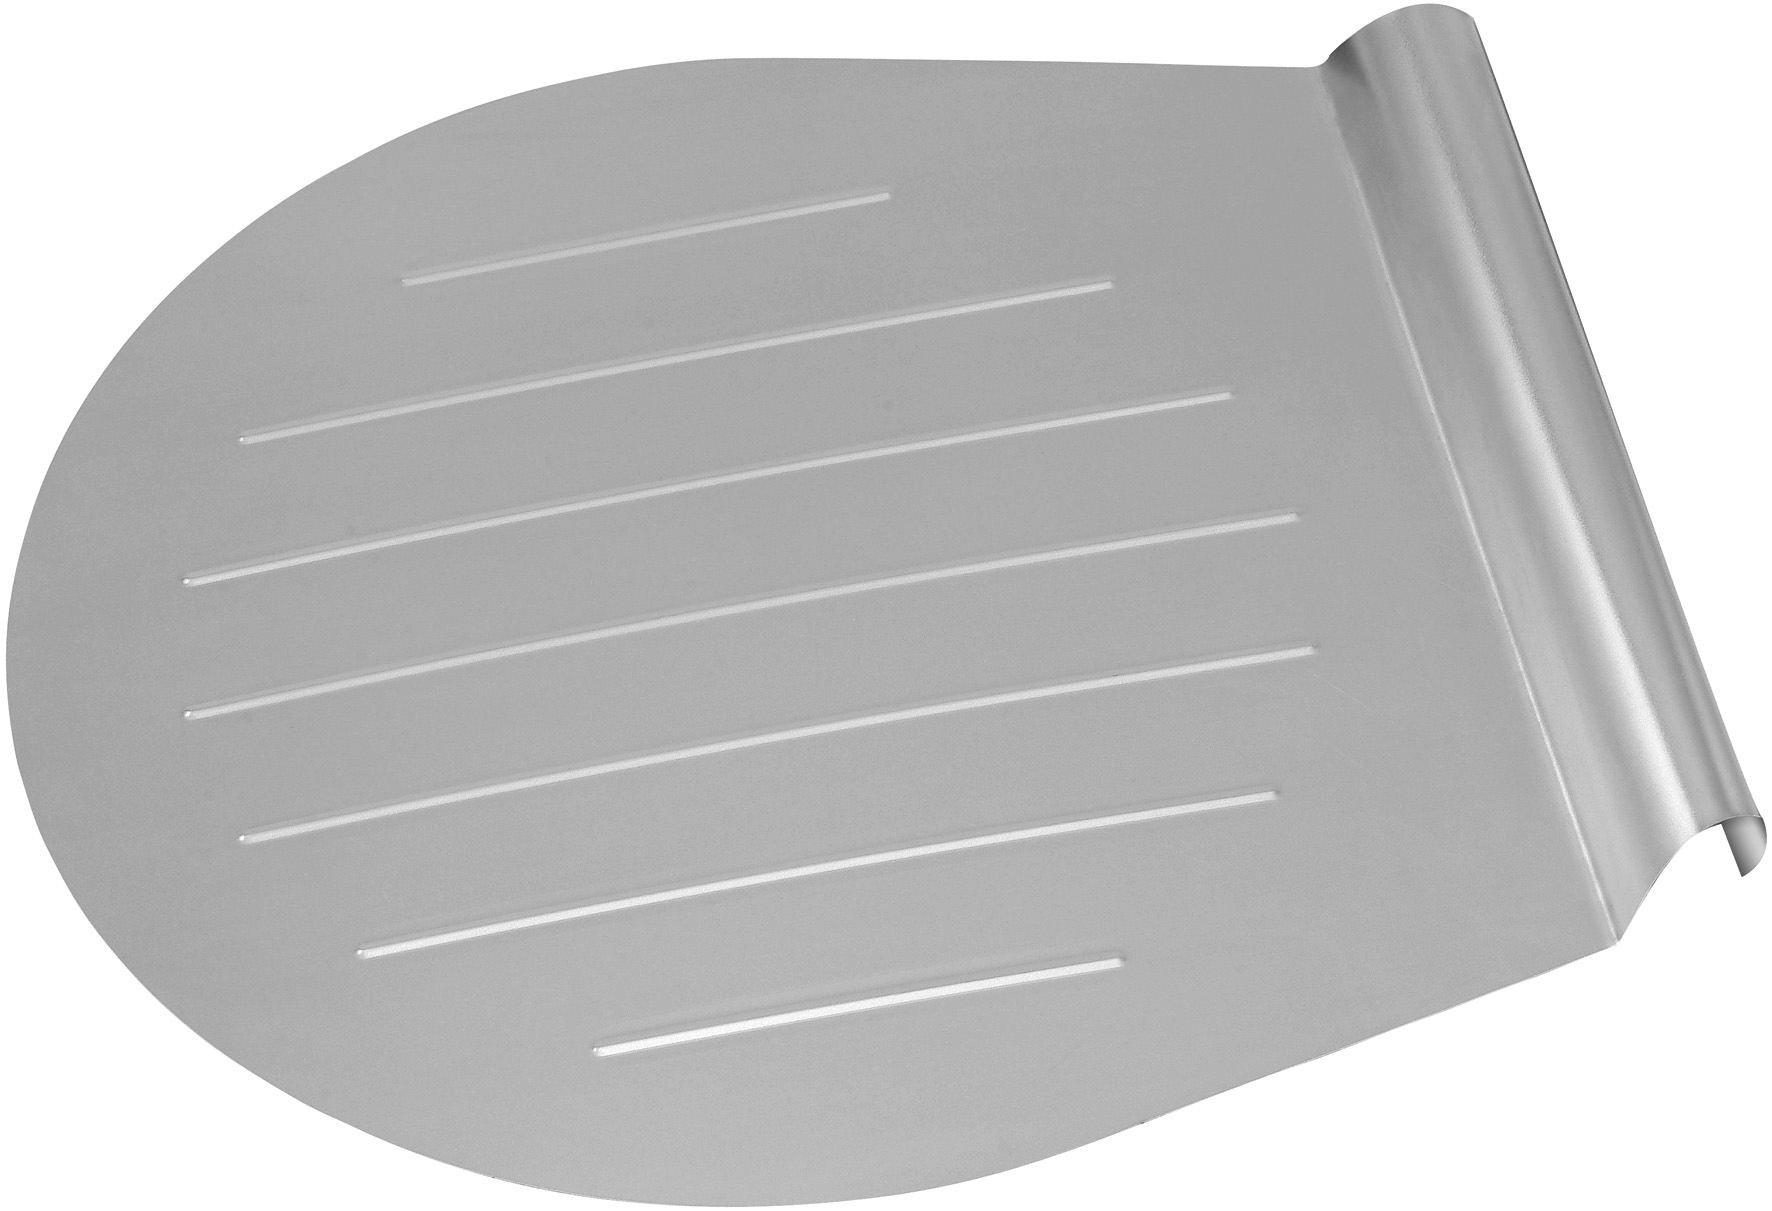 KUCHENSET - Silberfarben/Schwarz, Kunststoff/Metall (35/28,5/11cm)